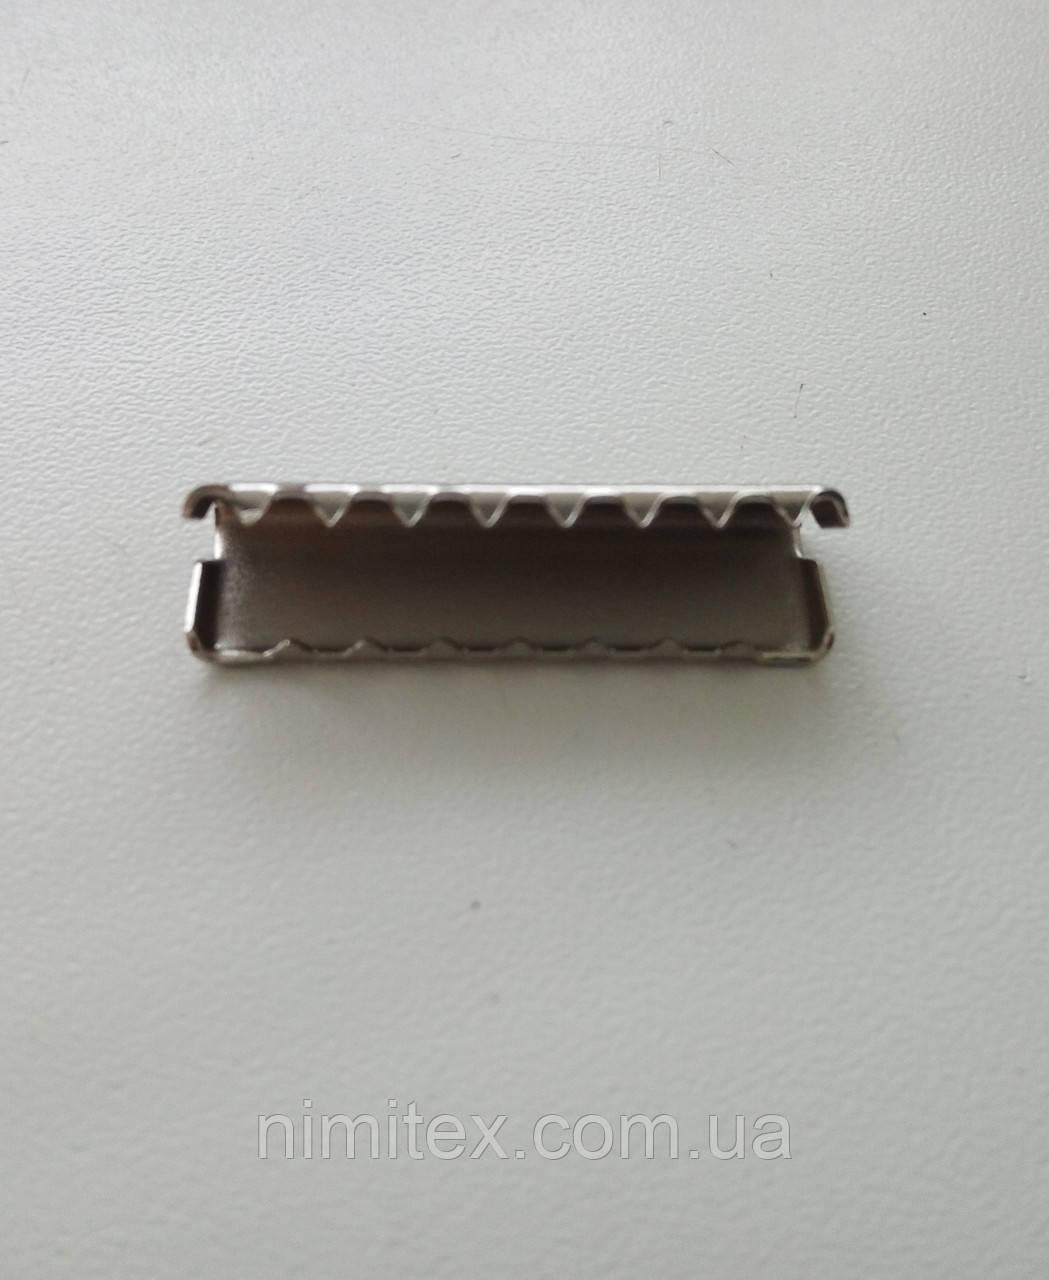 Наконечник на ремень 30 мм никель